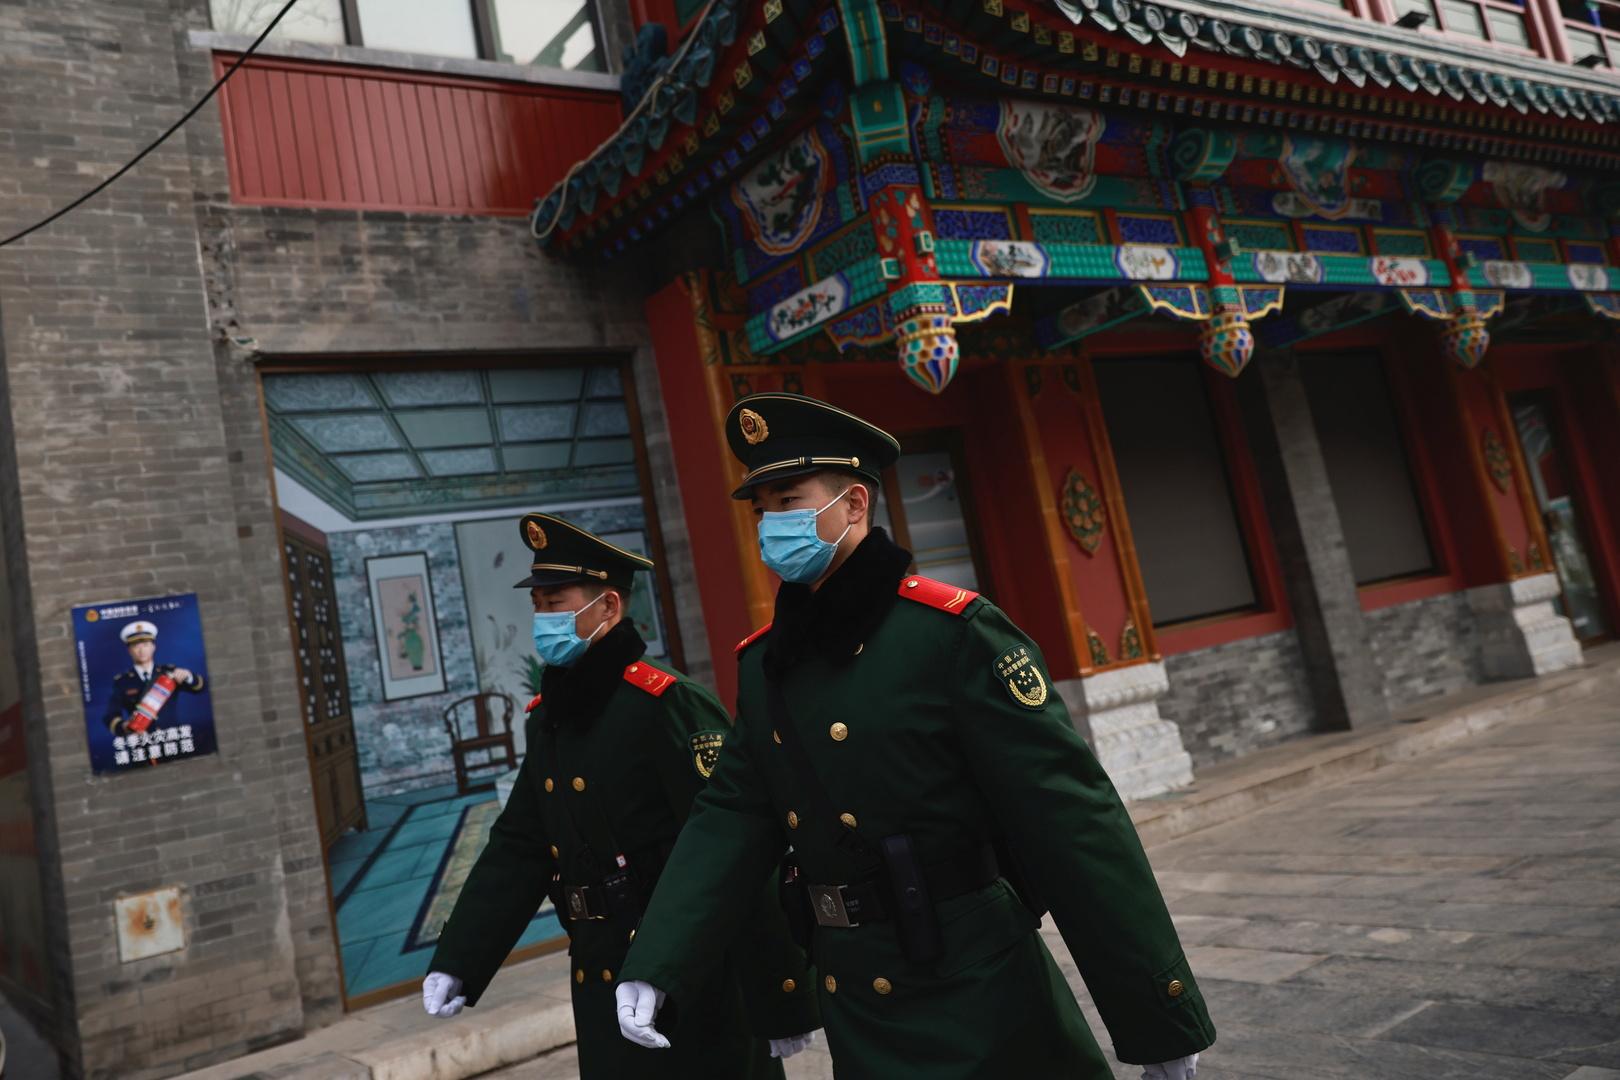 الصين تسلم كوريا الجنوبية 4 مطلوبين بعملية احتيال كبيرة